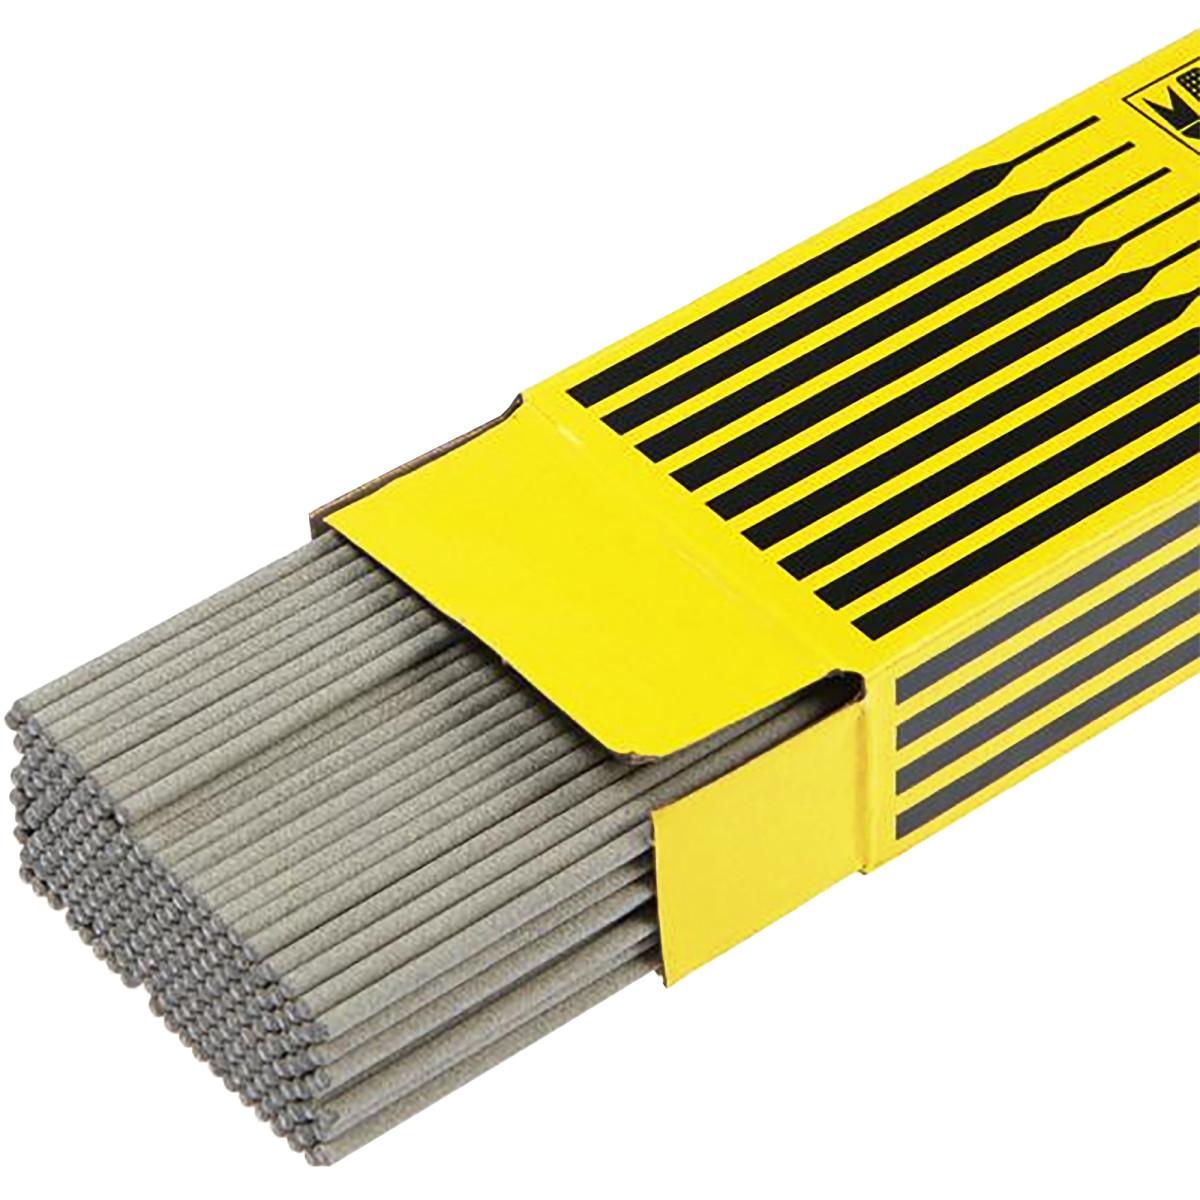 Электроды Esab Оk 46 3х350 мм 2.5 кг